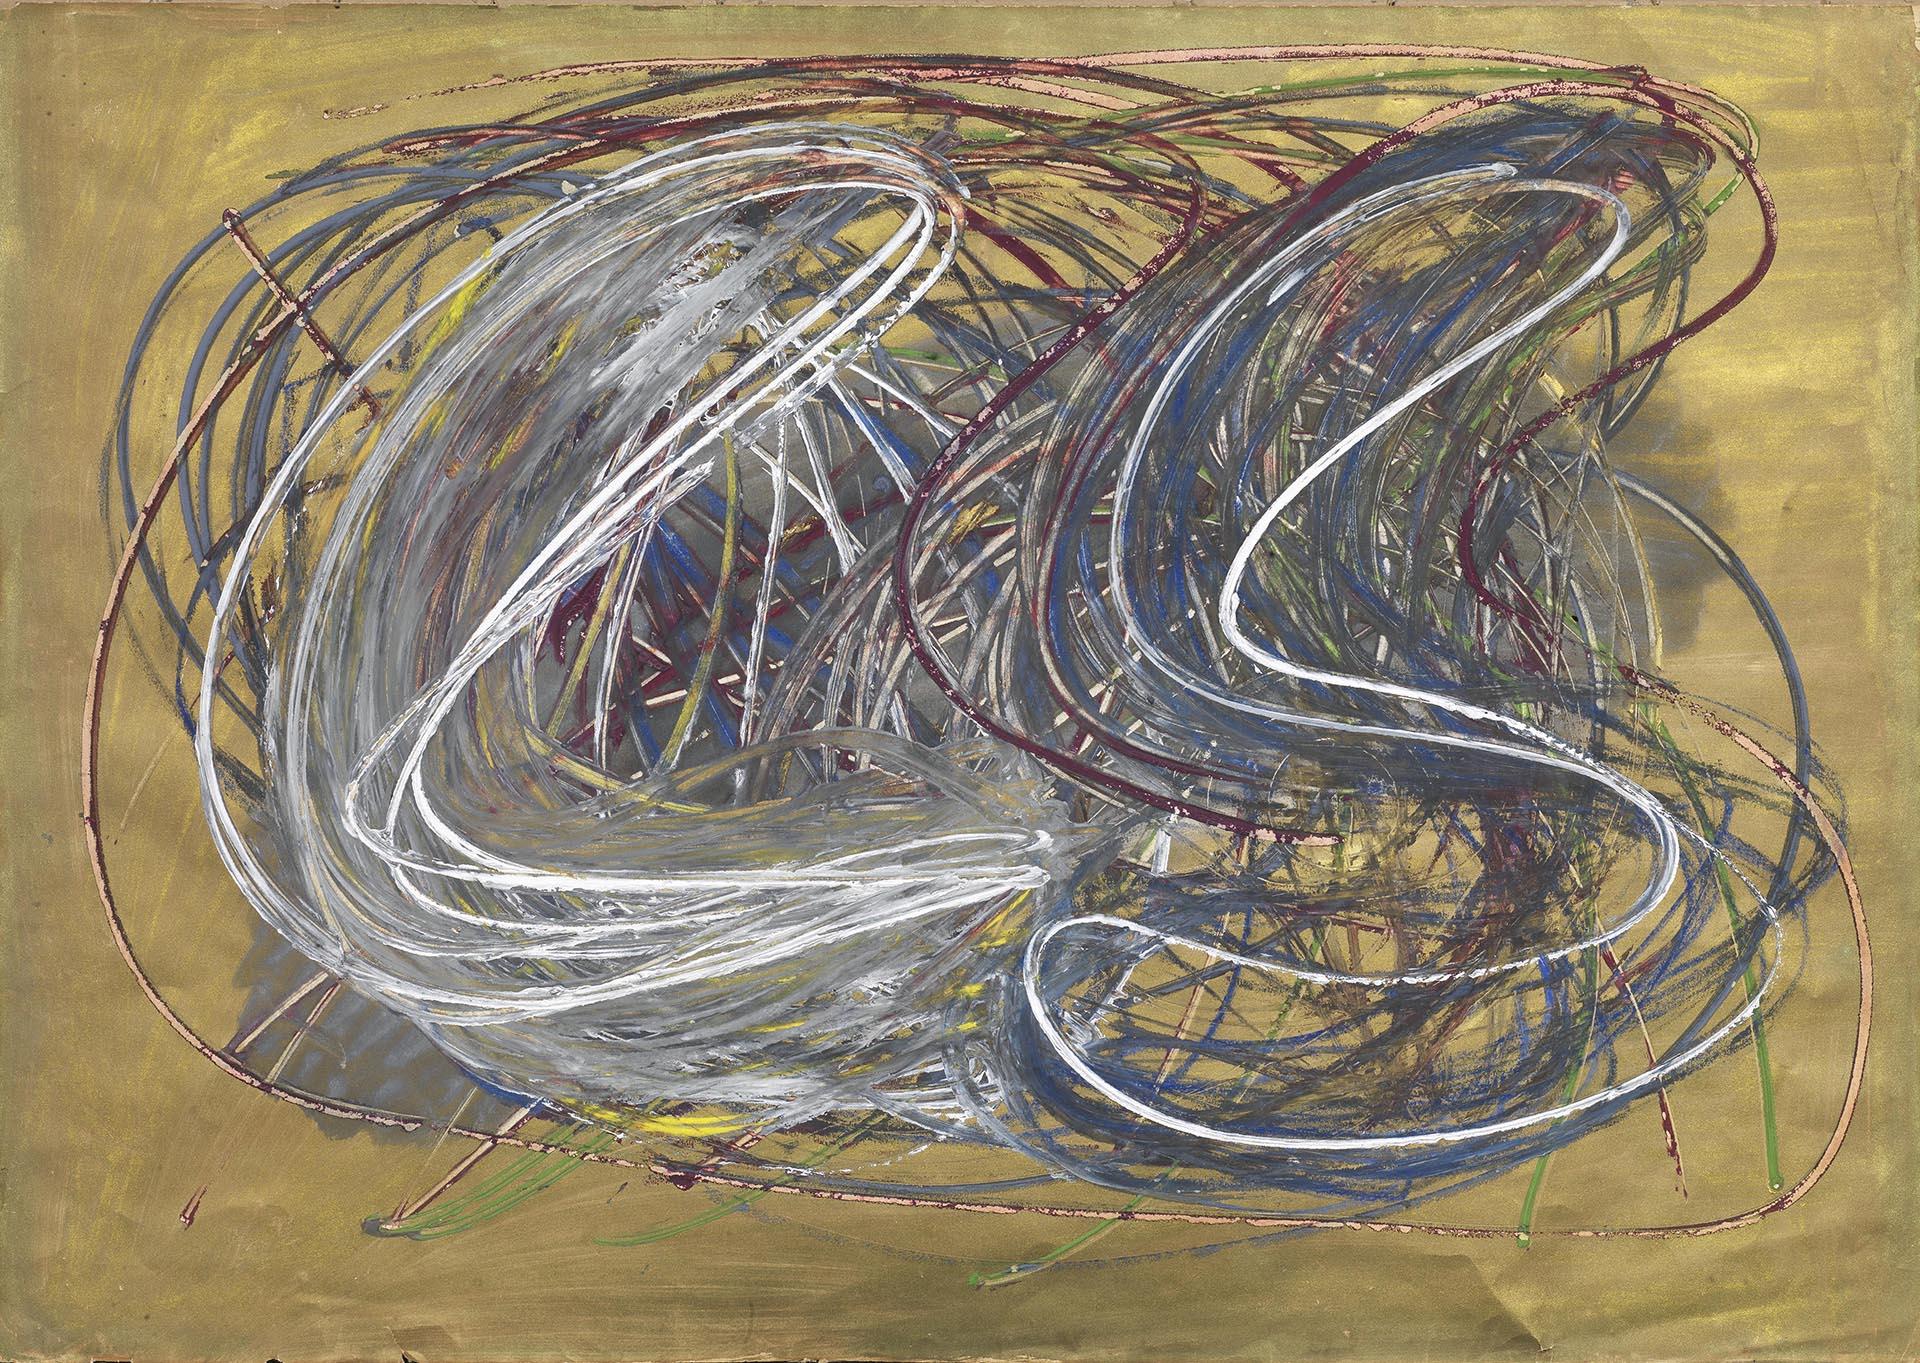 Tancredi, Senza titolo, 1950-51, 50x70 cm